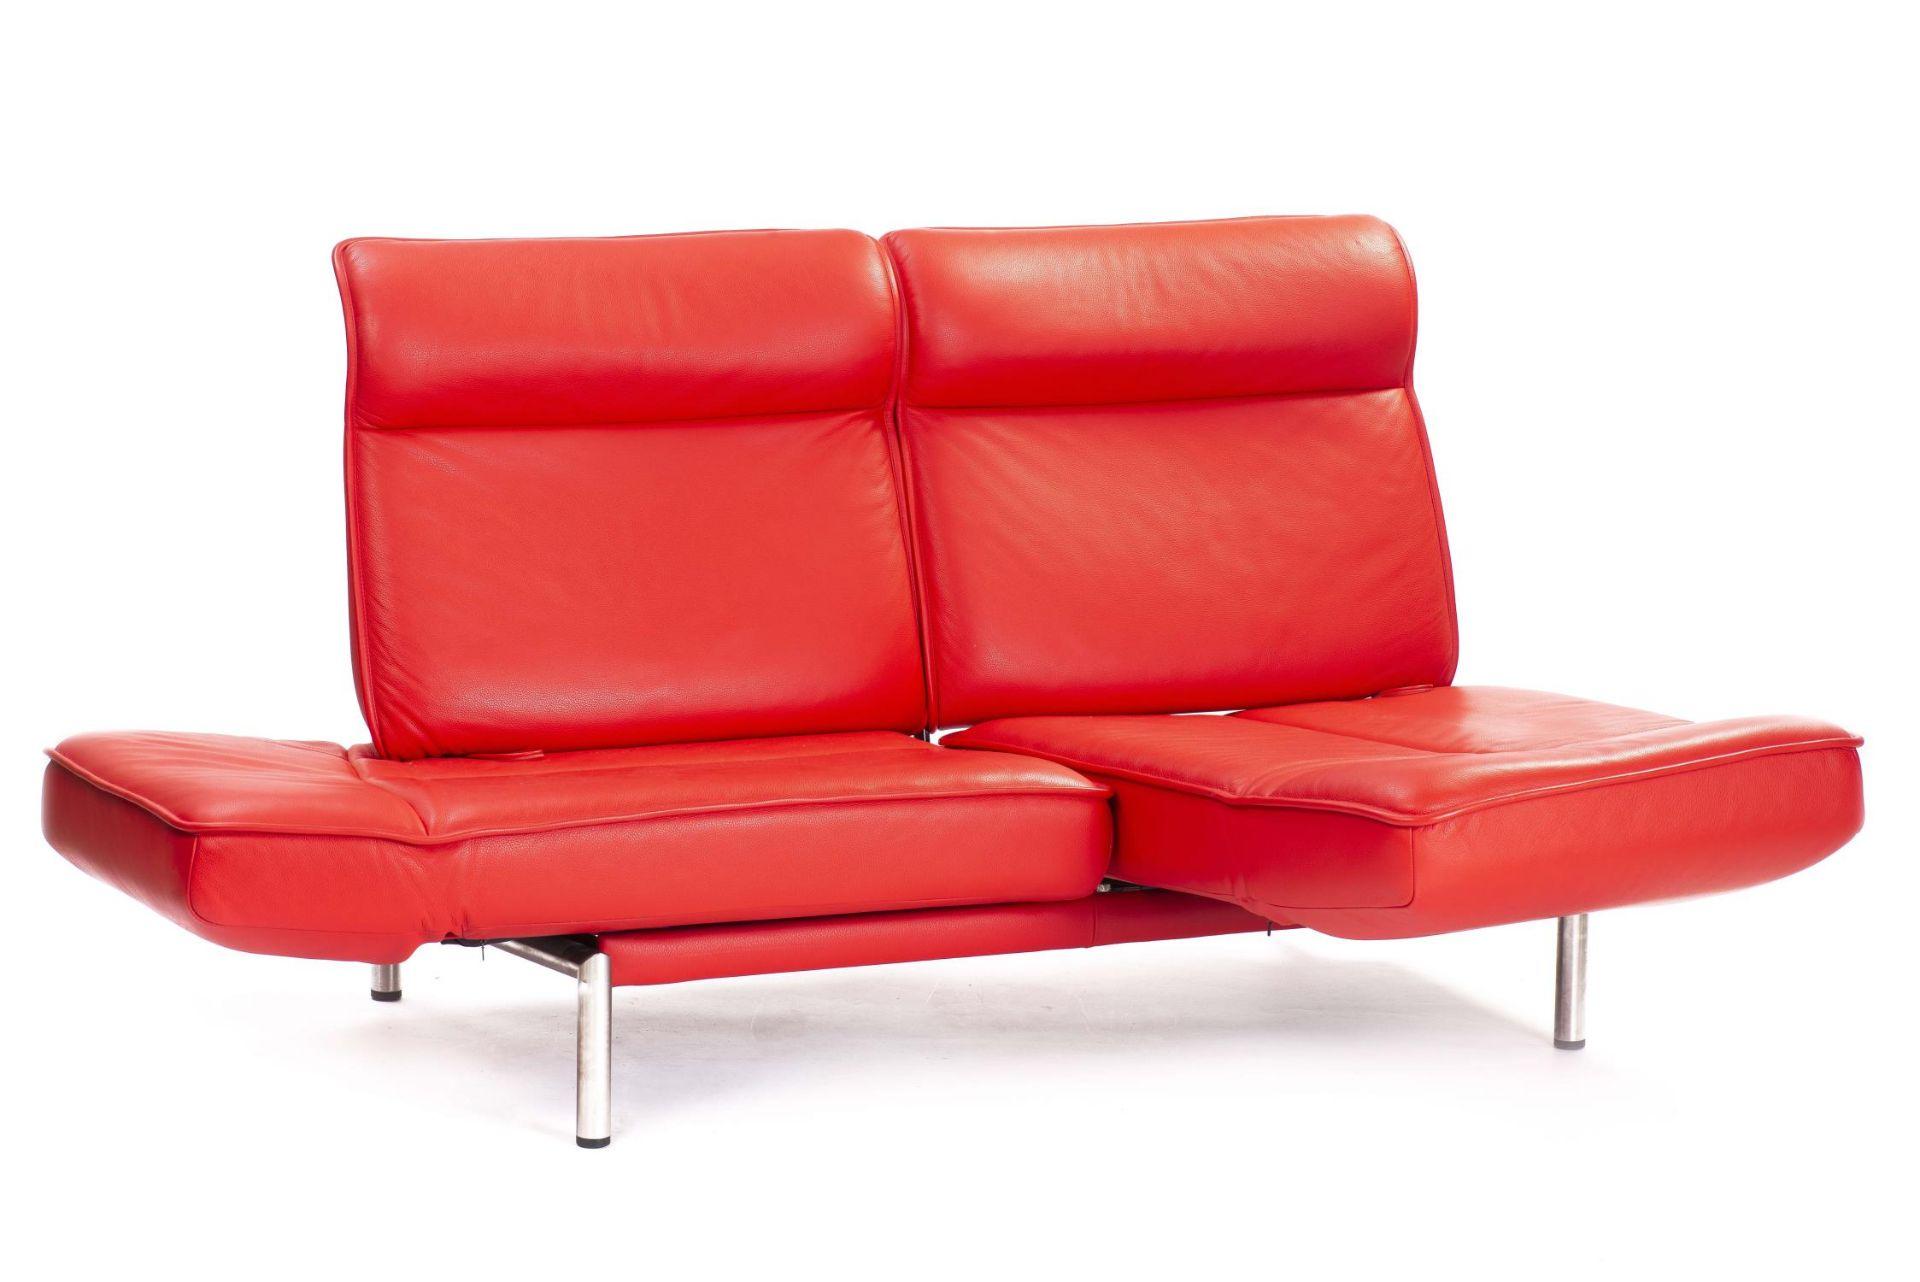 Thomas Althaus, canapé de Sède, modèle ds-450 - Bild 8 aus 10